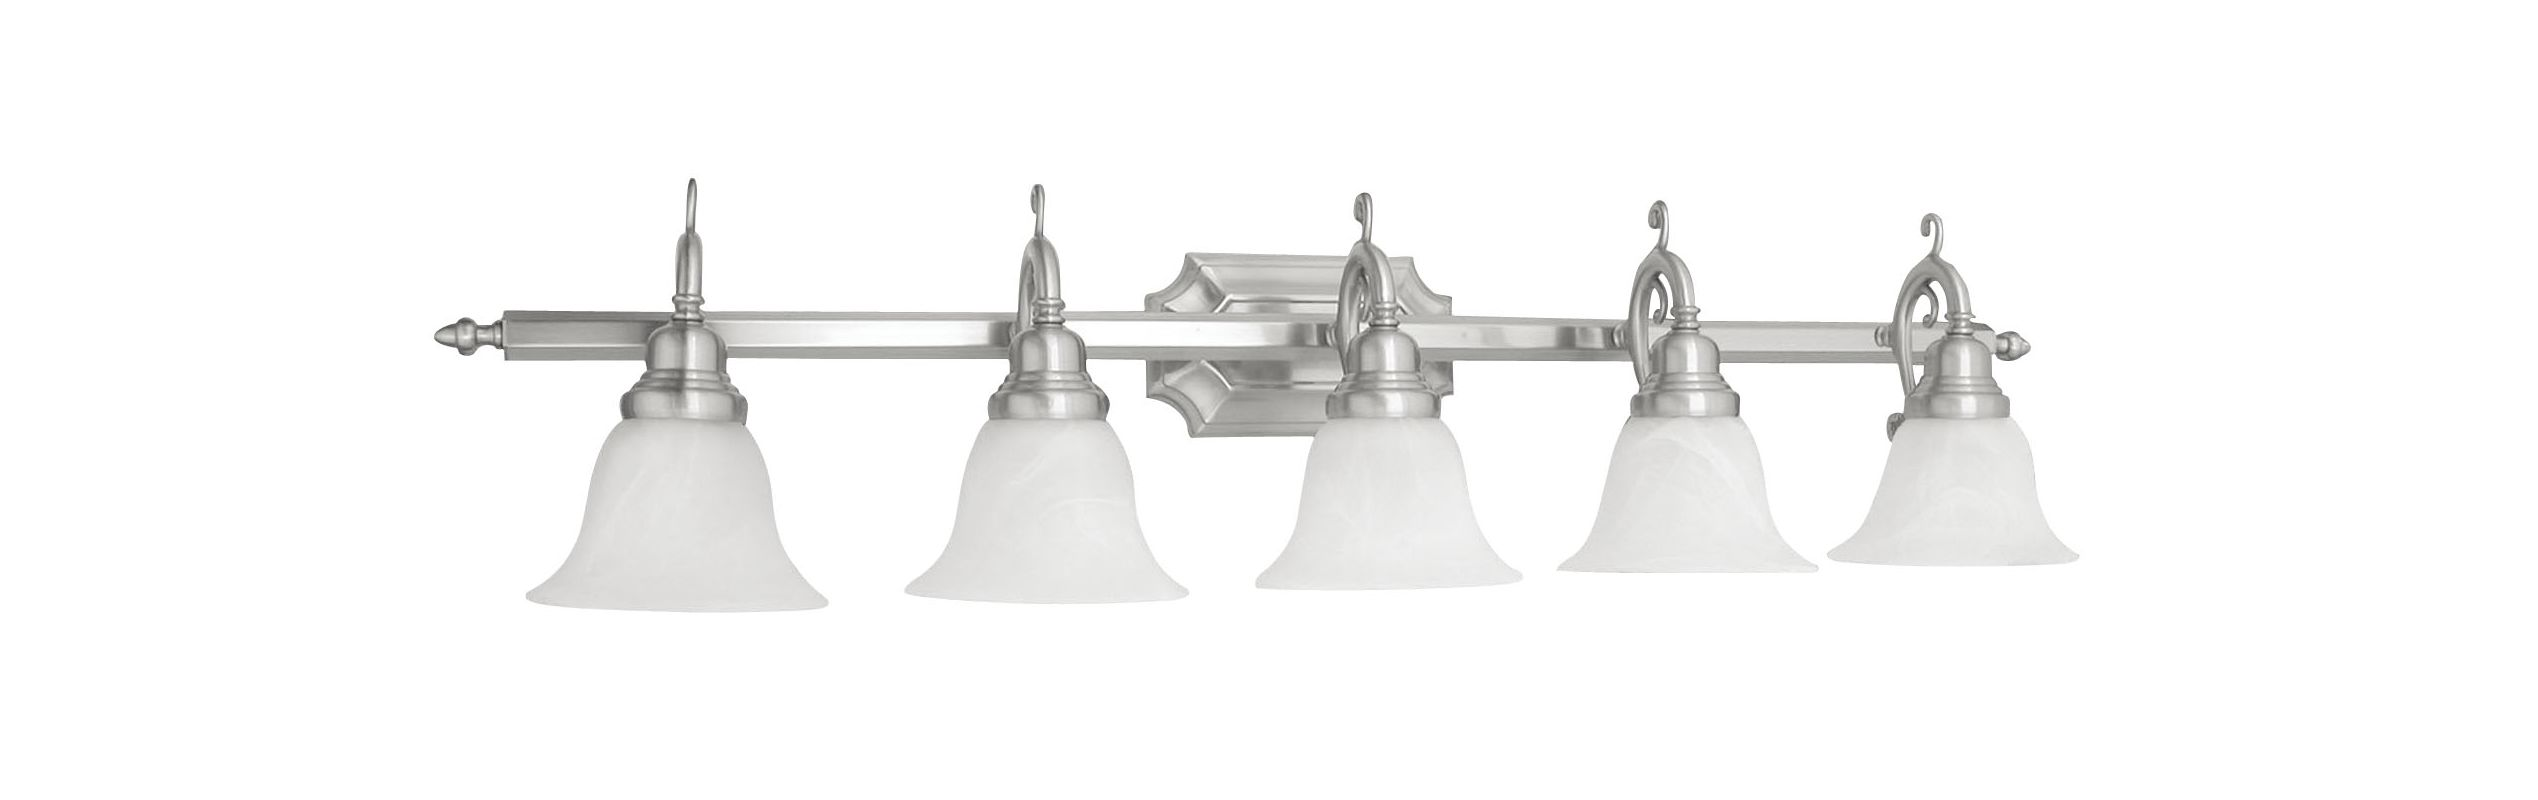 Livex Lighting 1285S French Regency 5 Light Bathroom Vanity Light